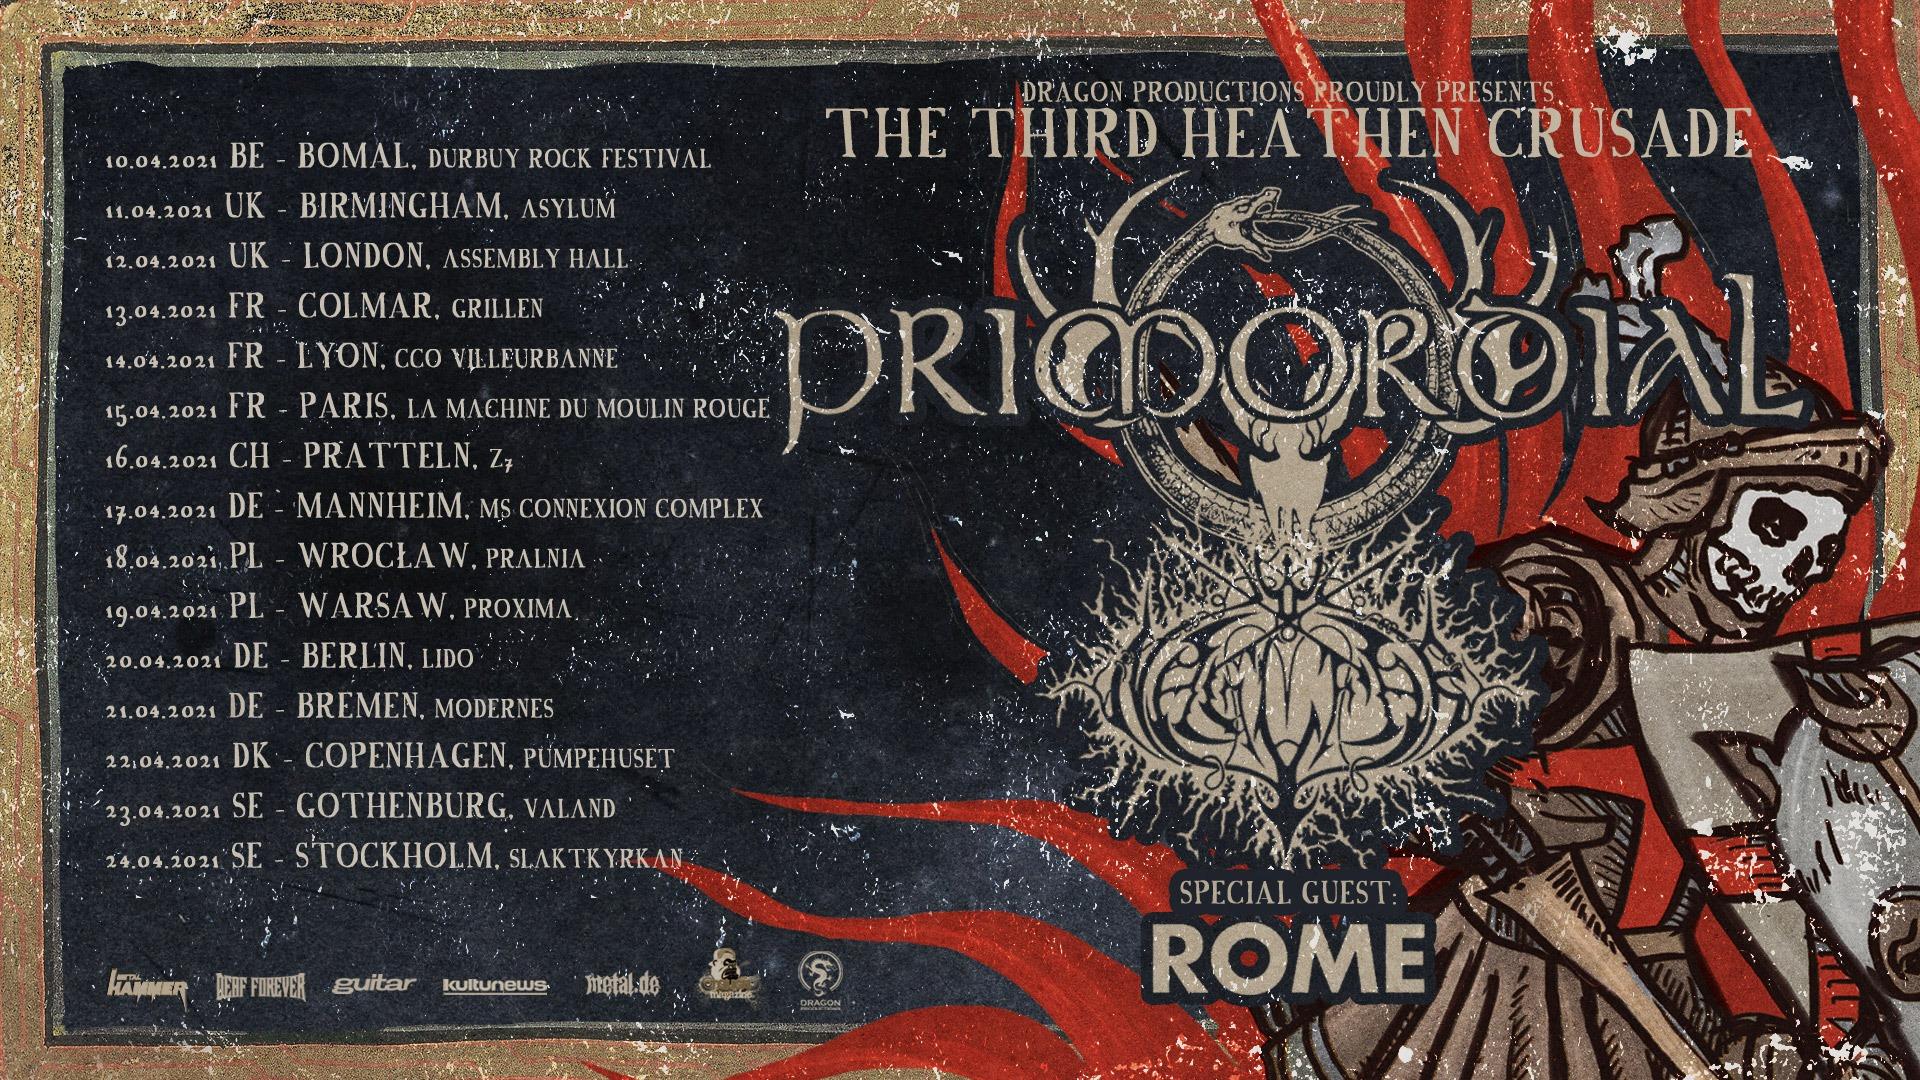 primordial naglfar rome